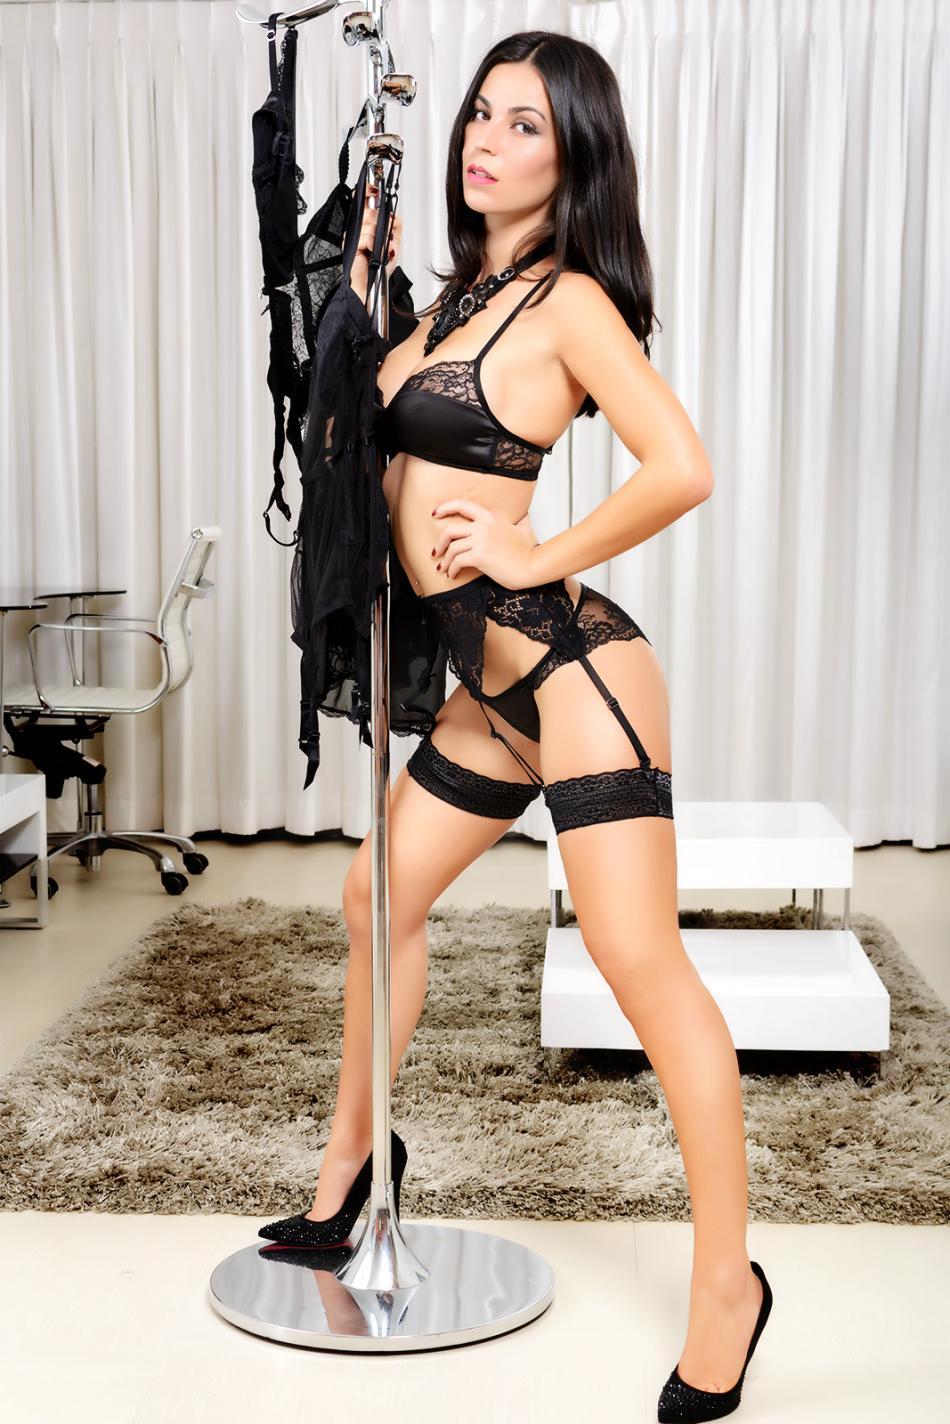 Ladyfordaddy.com Arianna Escort Girl In New York 24080856 - 3 3